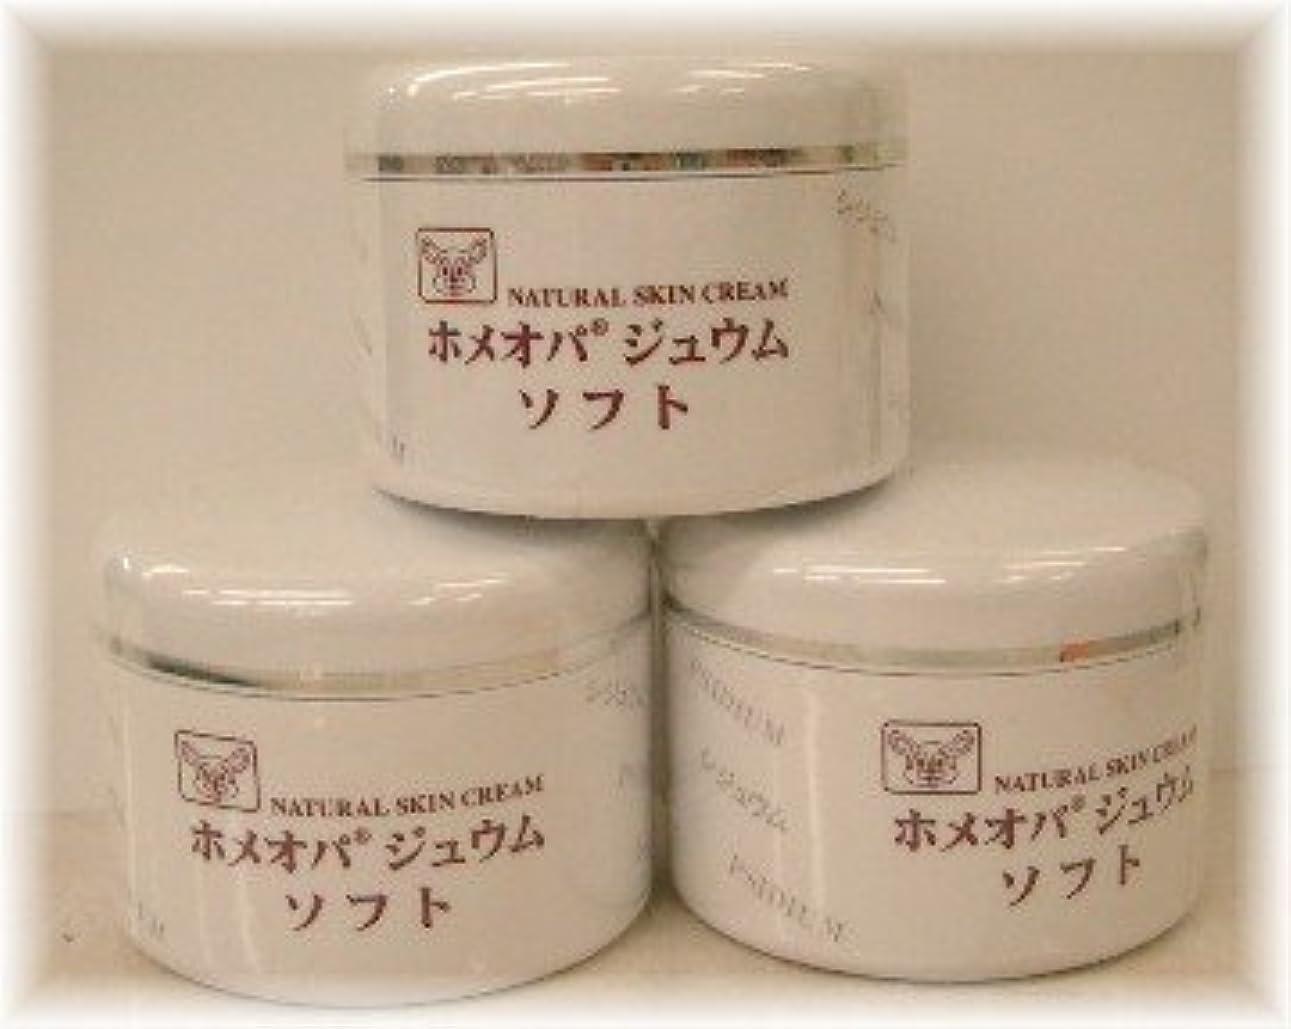 ギャング興奮する抵抗力があるホメオパジュウム スキンケア商品3点¥10500クリームソフトx3個